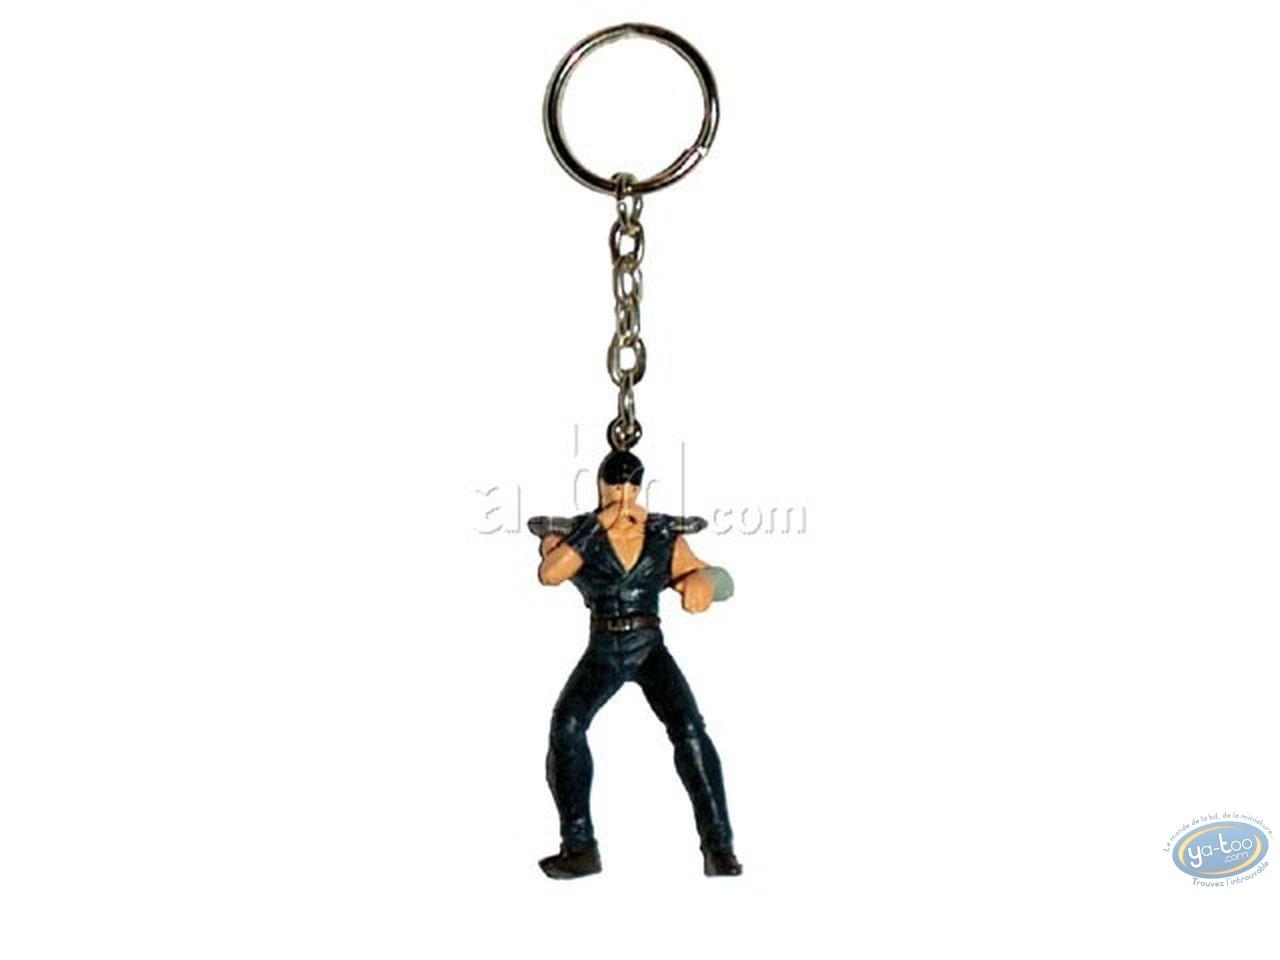 Porte-clé, Ken le Survivant : Ken